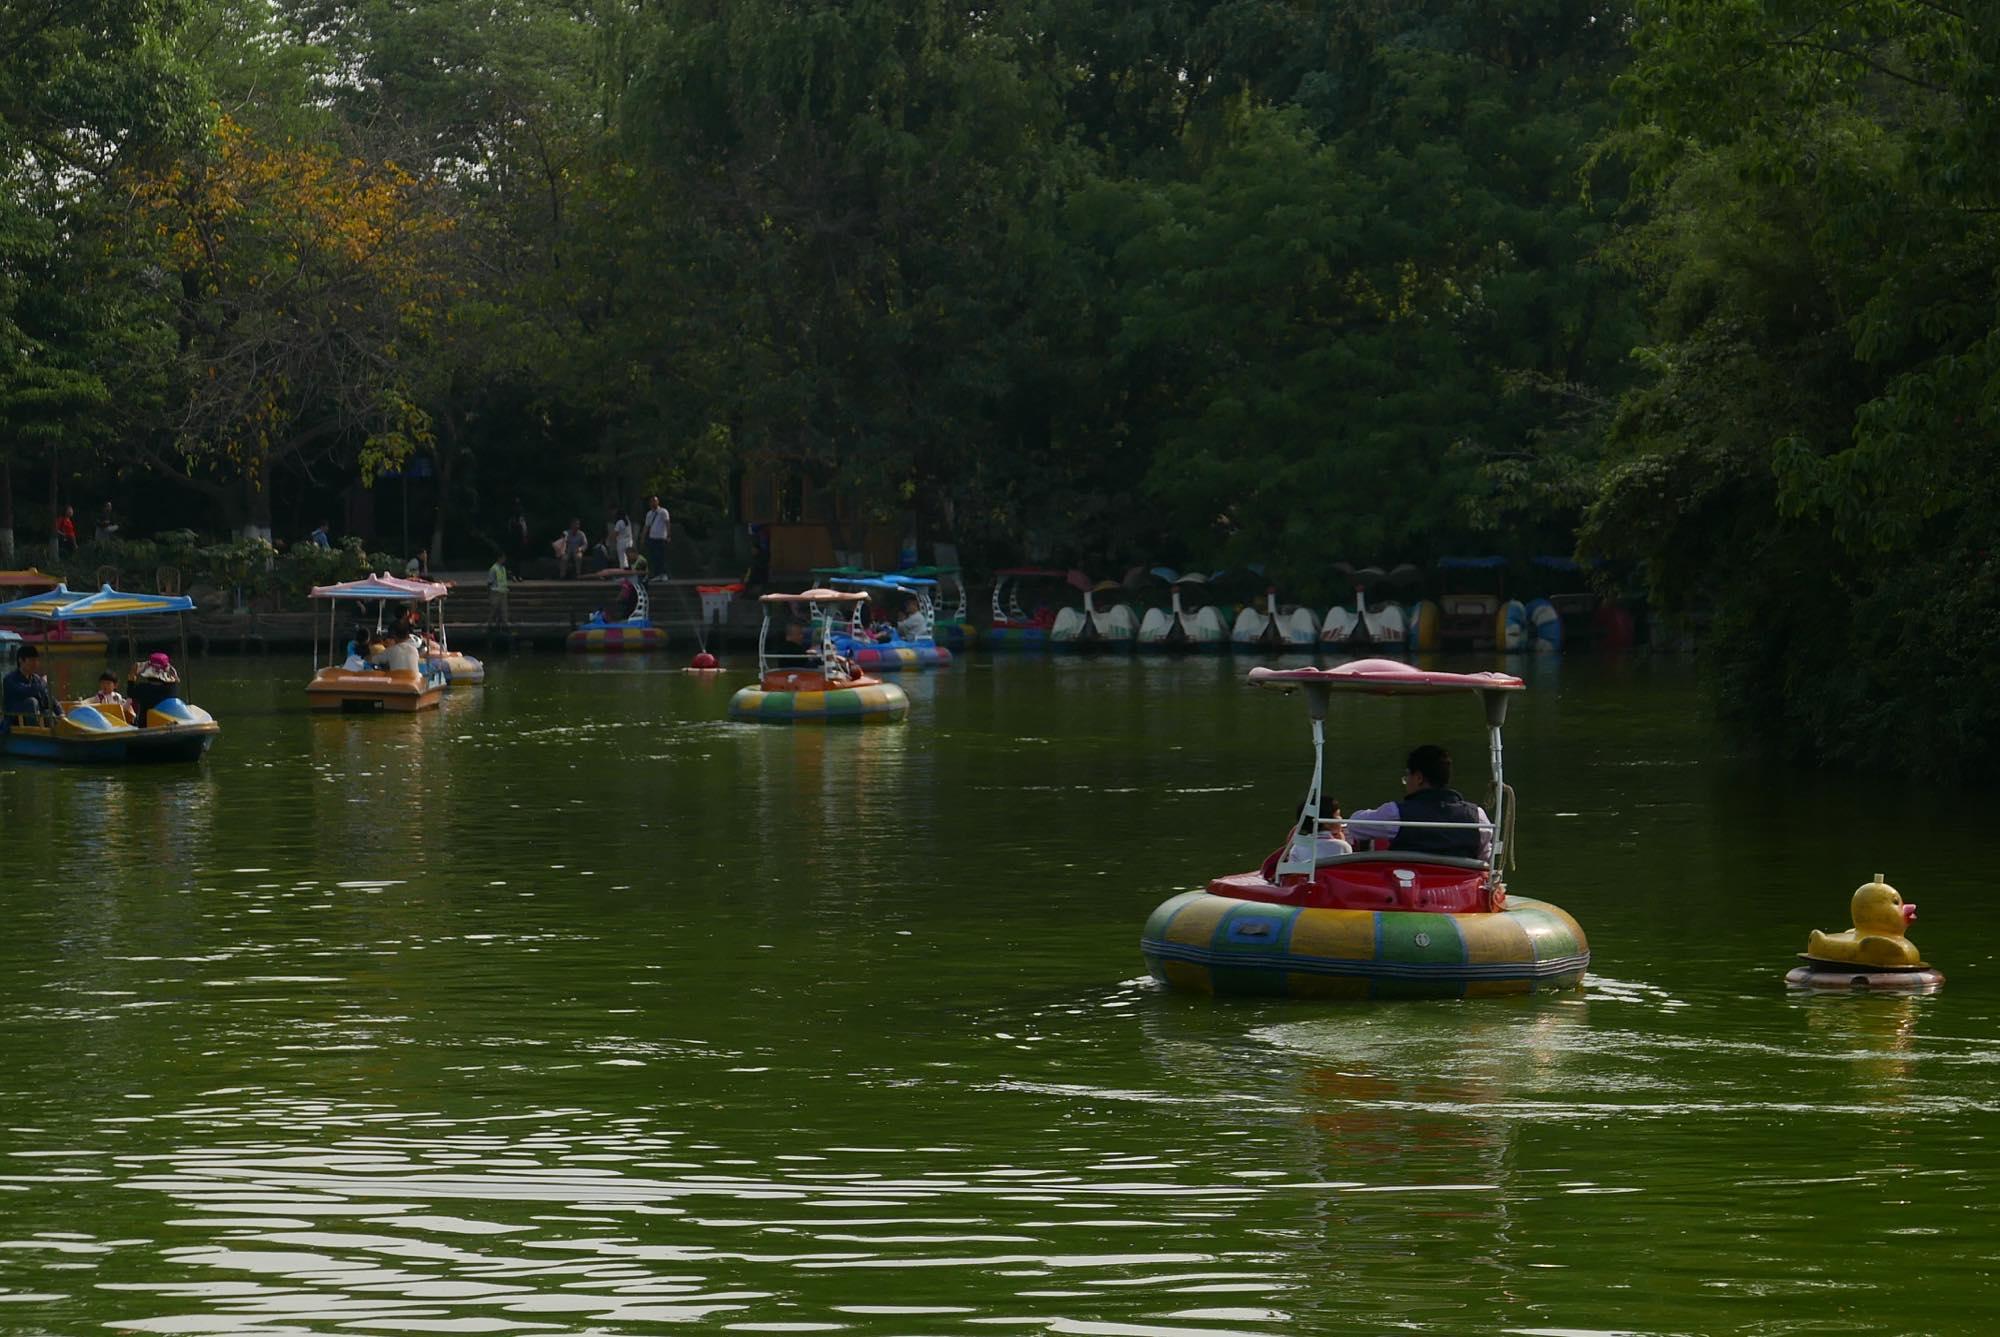 琴台路 成都 公園